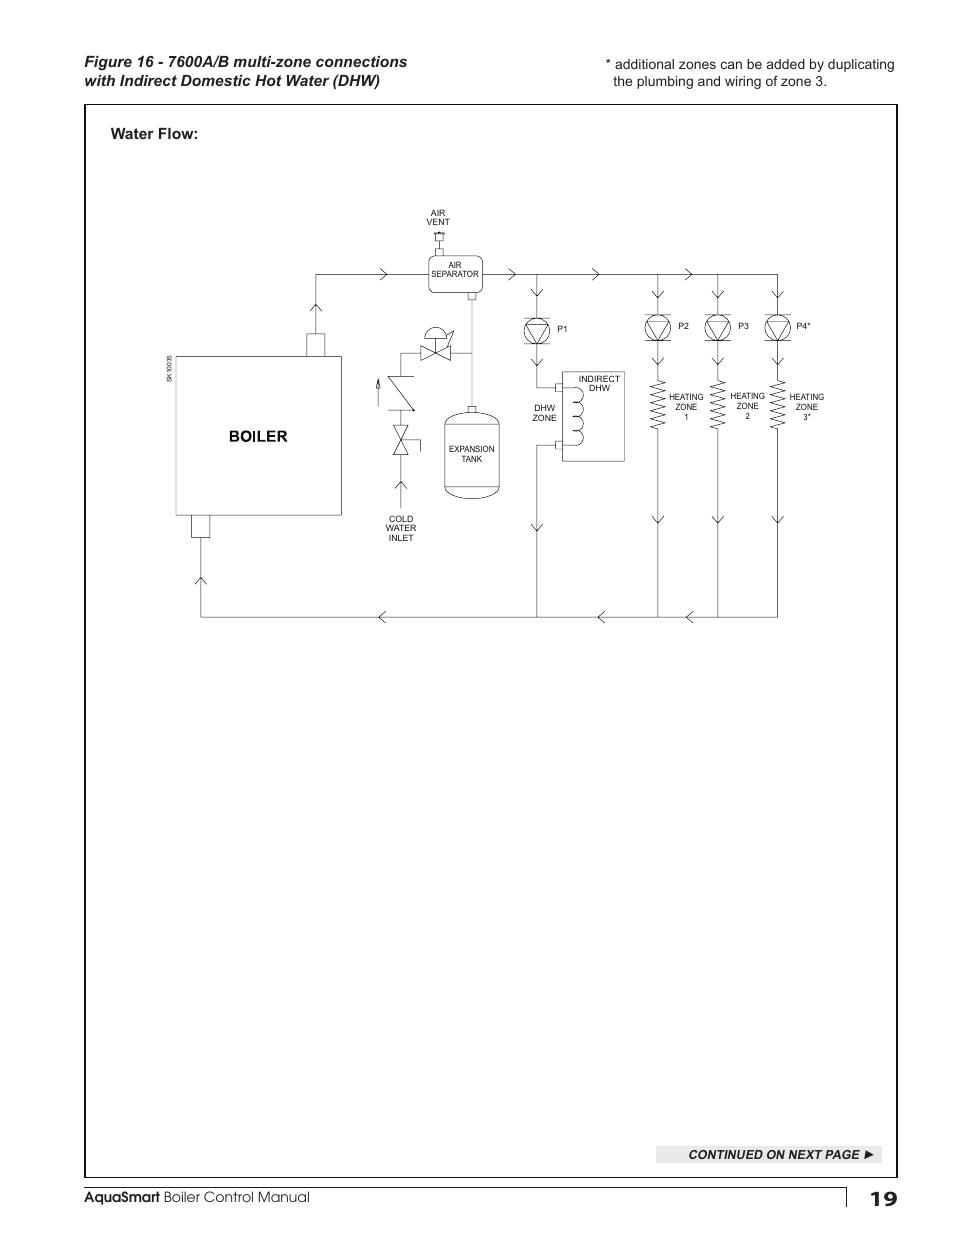 Aquasmart boiler control manual | Beckett 7600 AquaSmart Boiler Control  User Manual | Page 19 / 36